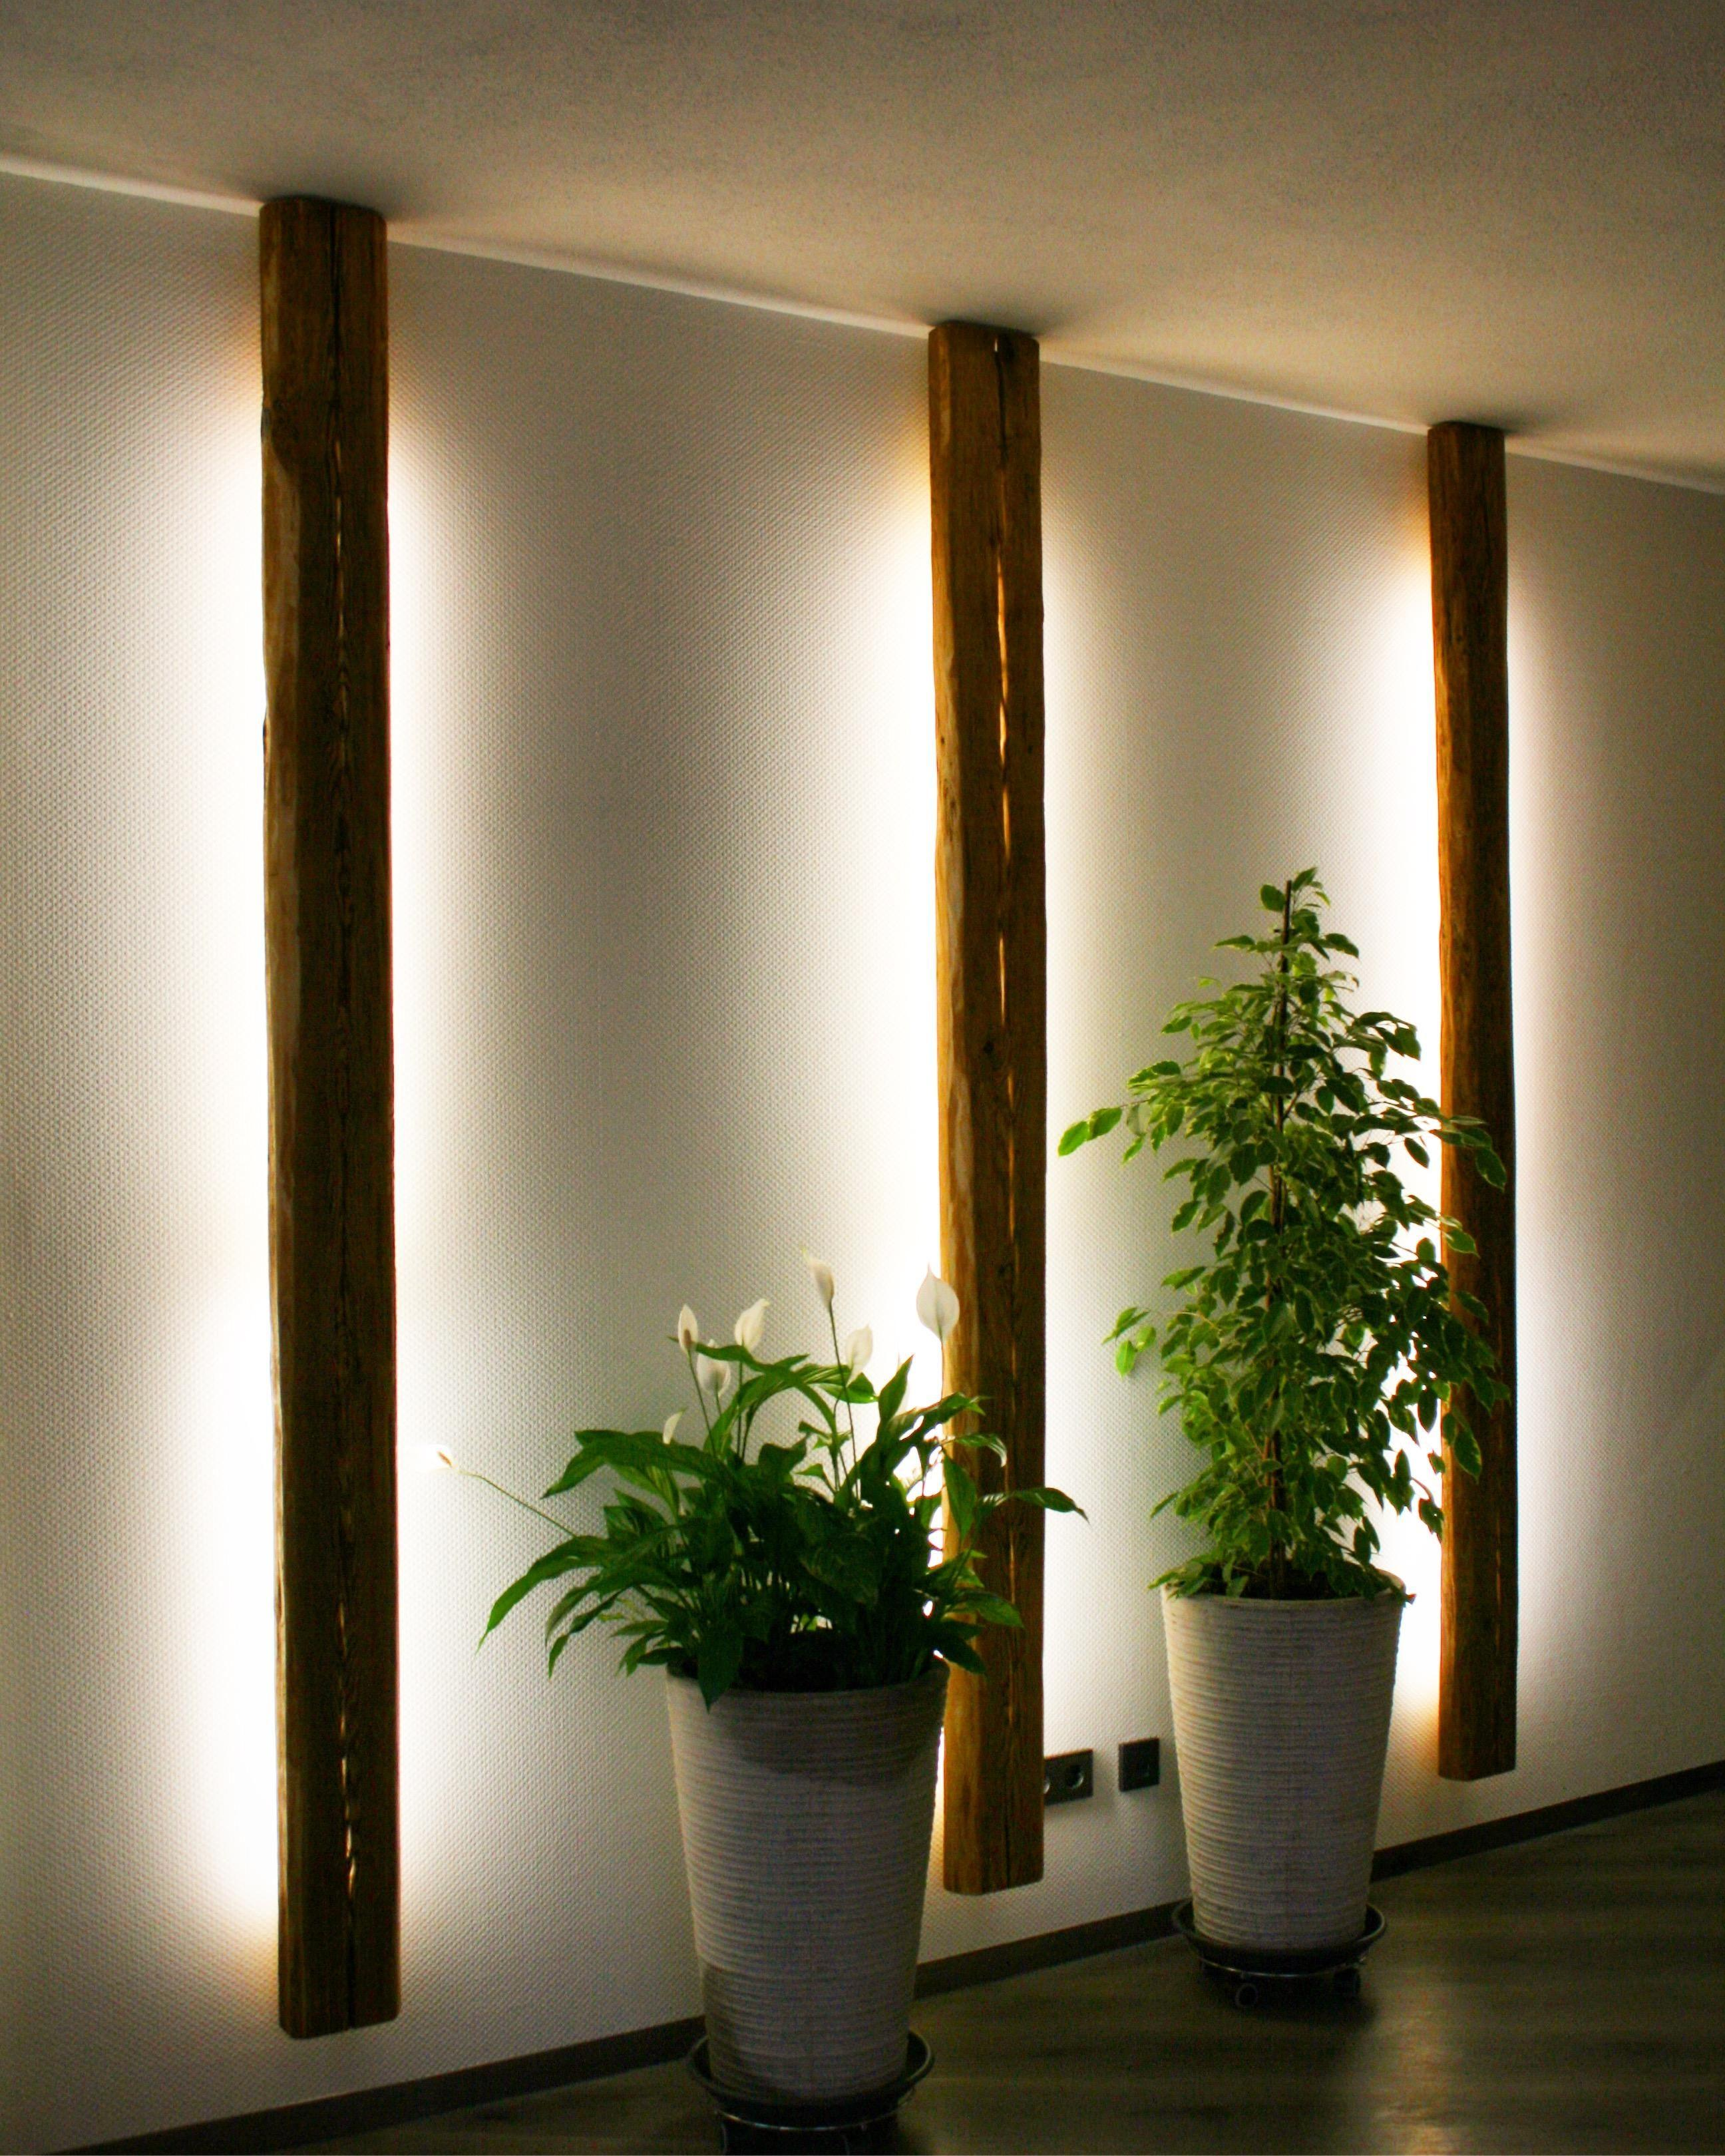 Nach Oben Indirekte Beleuchtung Selber Bauen Rigips Fotos Von Wohndesign Dekoration